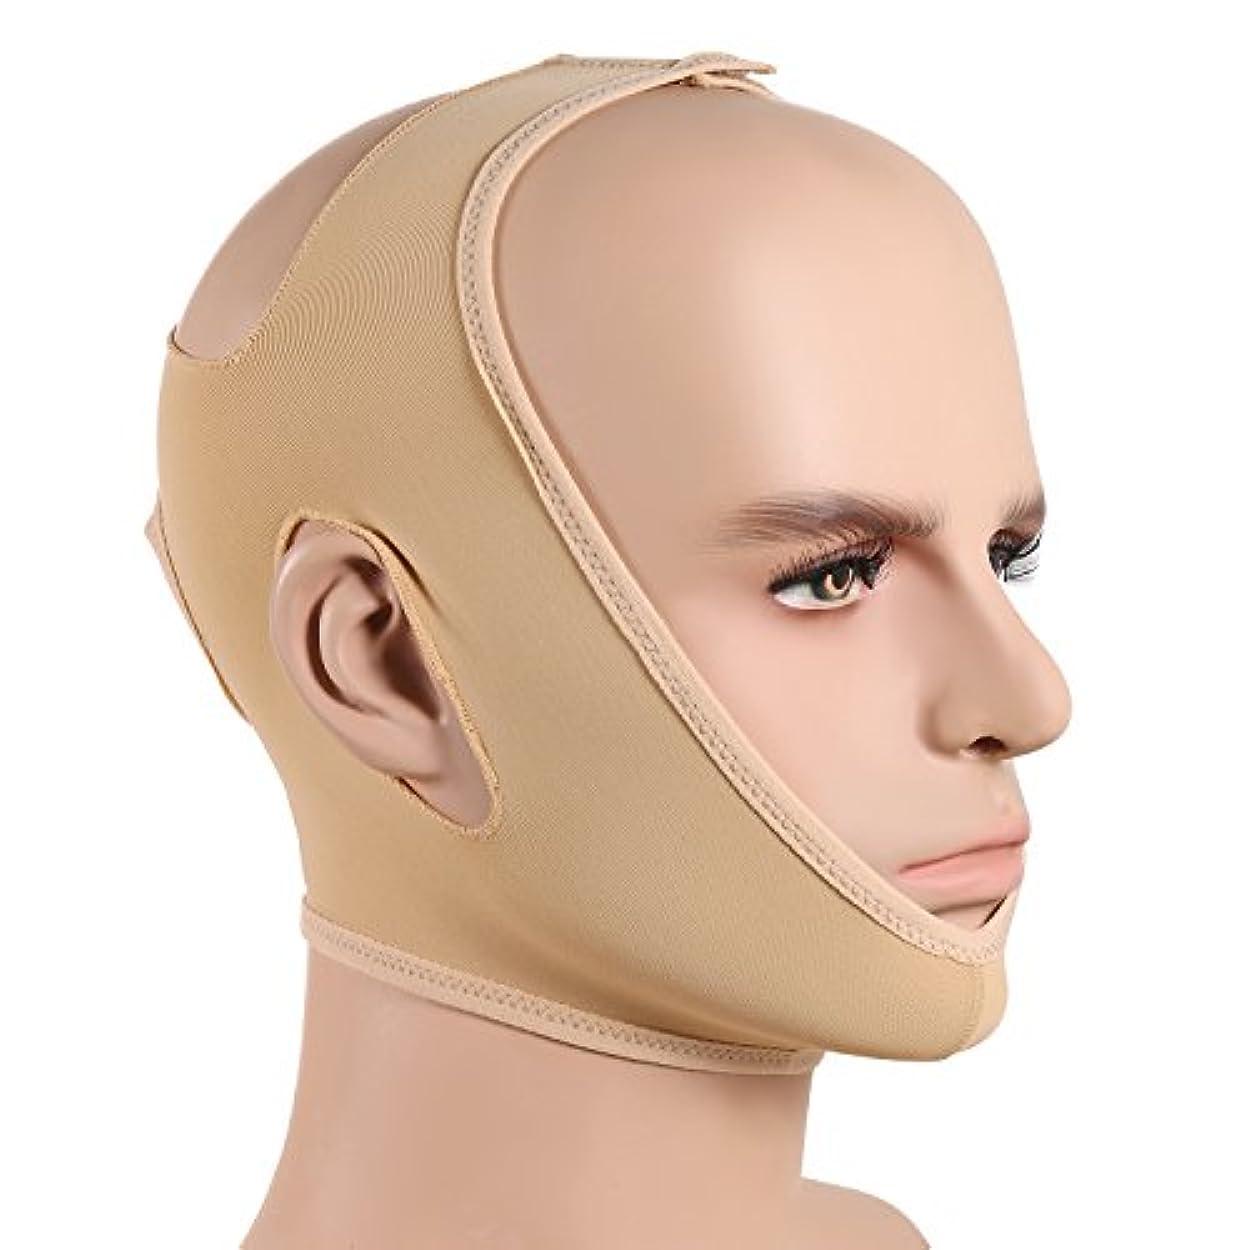 ルート同化承知しましたJewelryWe 小顔ベルト 美顔マスク 眠りながら 小顔 矯正 額、顎下、頬リフトアップ 小顔マスク 男女兼用 Mサイズ